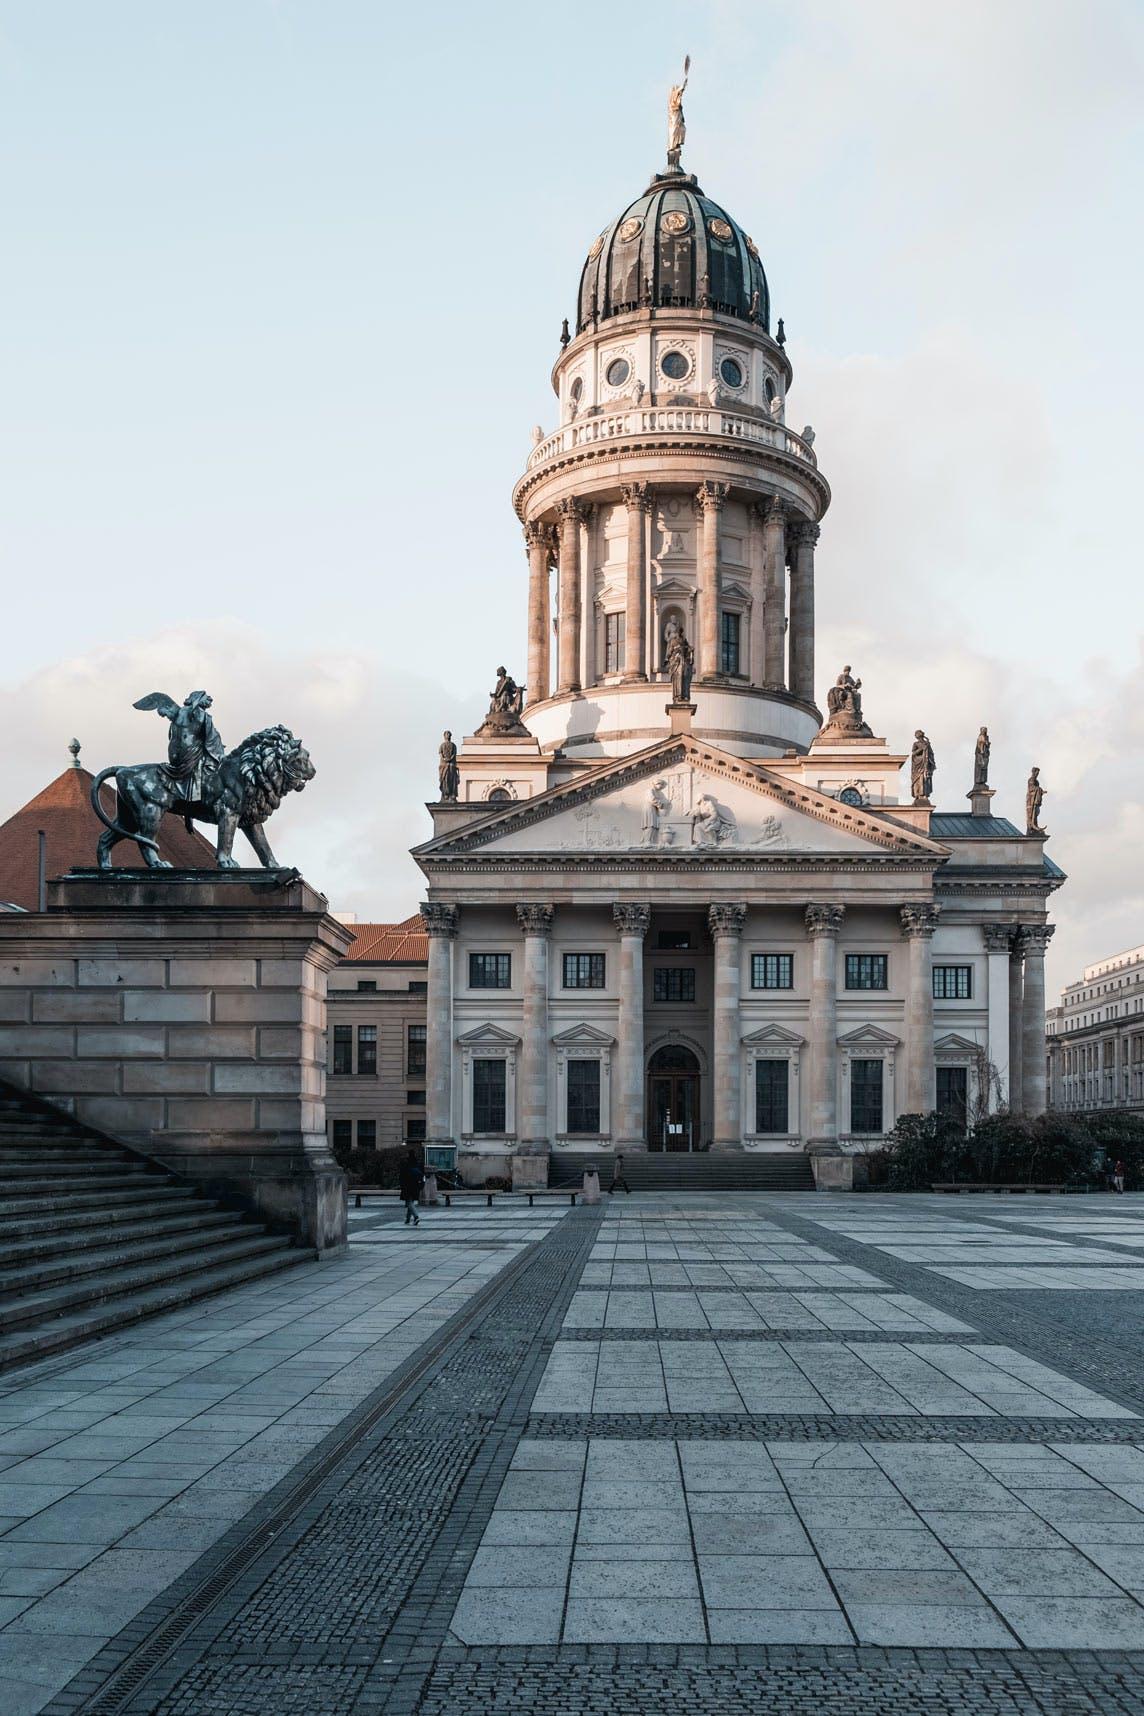 Französischer Dom, Lion Statue, Konzerthaus Steps from Gendarmenmarkt